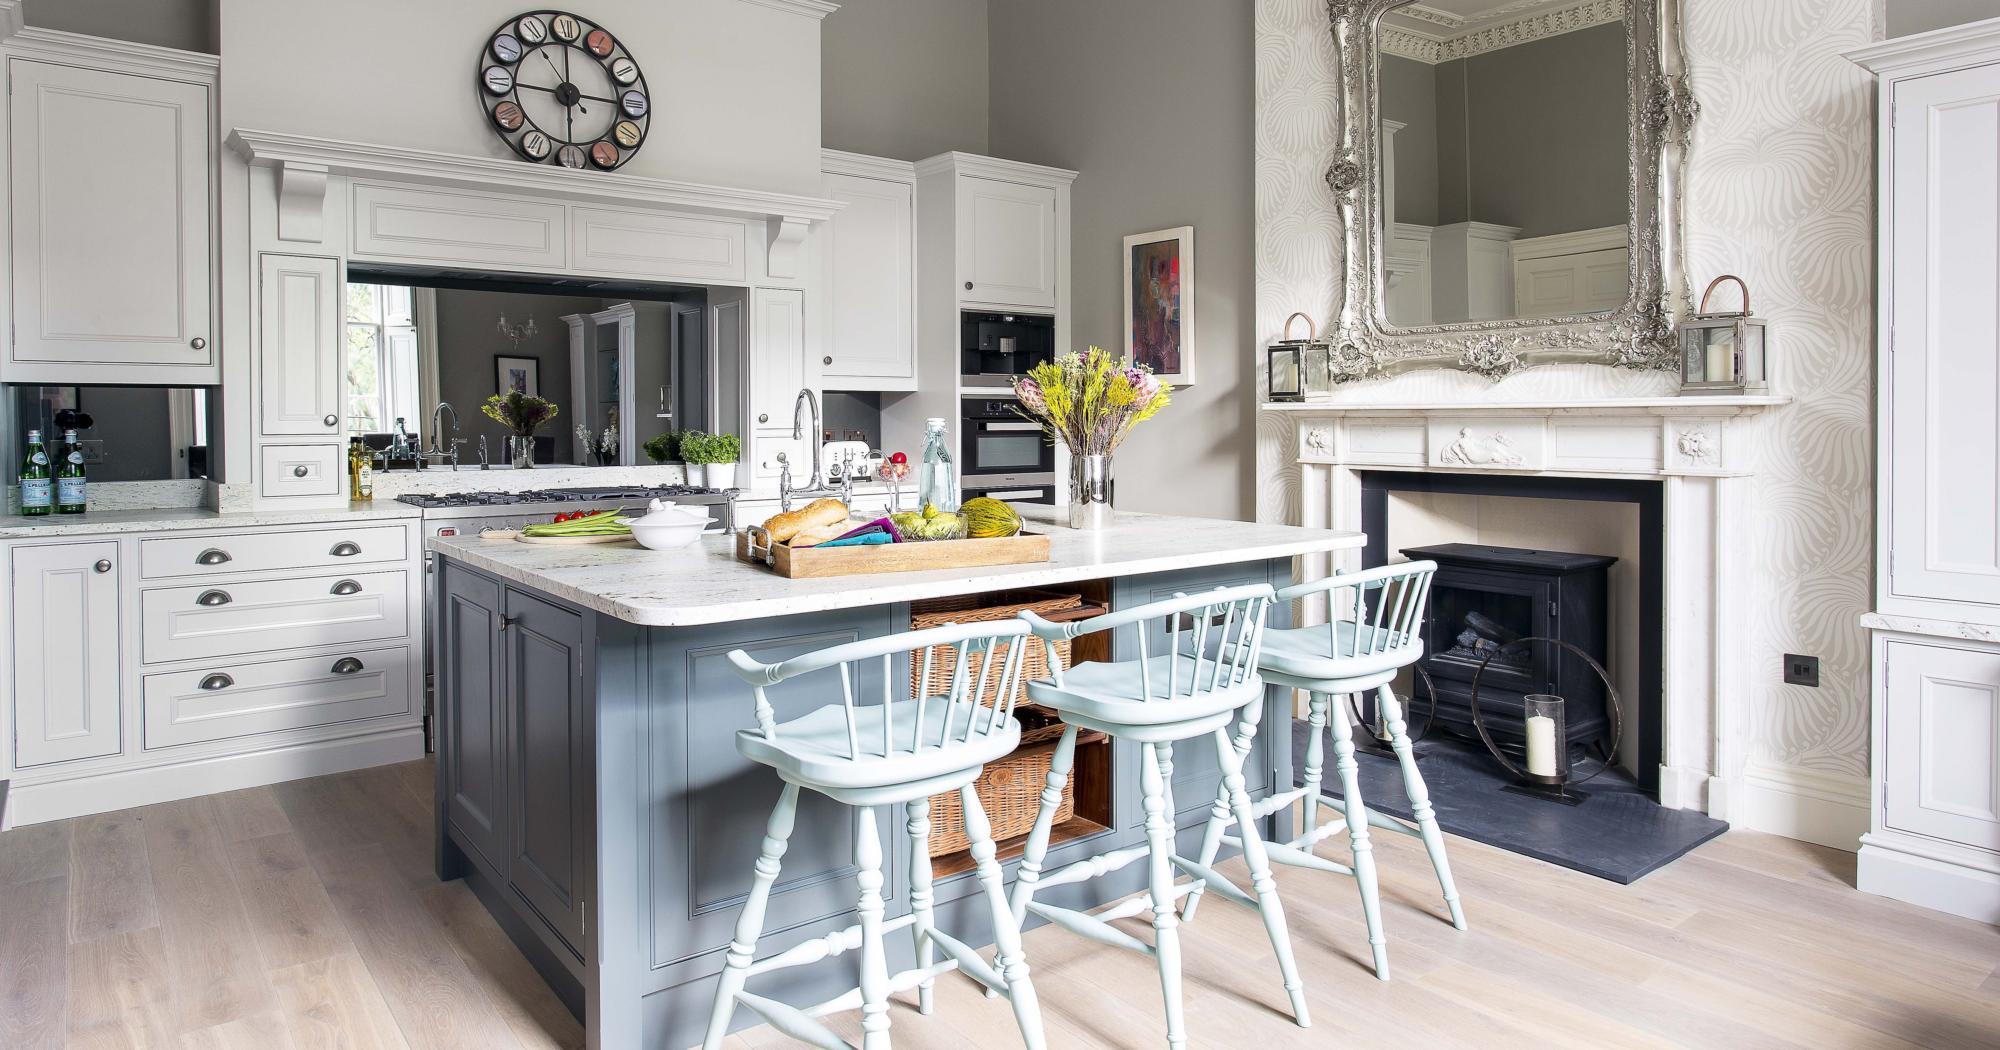 Bespoke kitchen design & installation